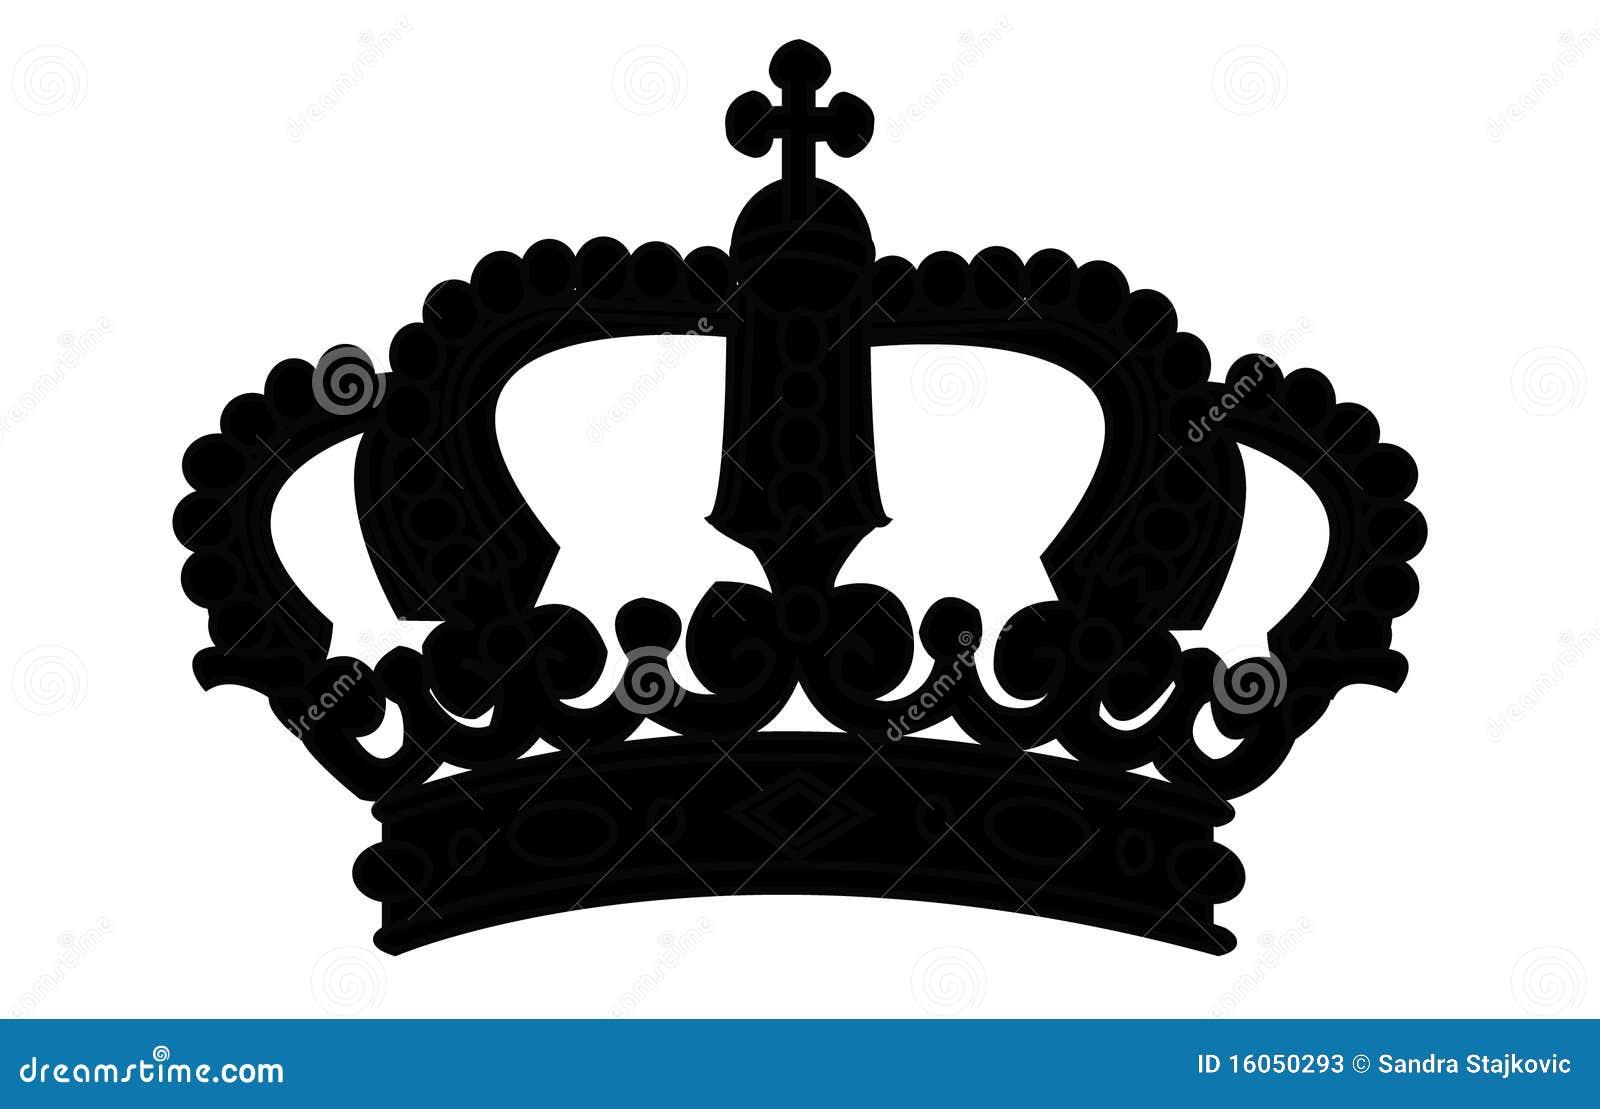 Crown Silhouette On White Stock Photos - Image: 16050293